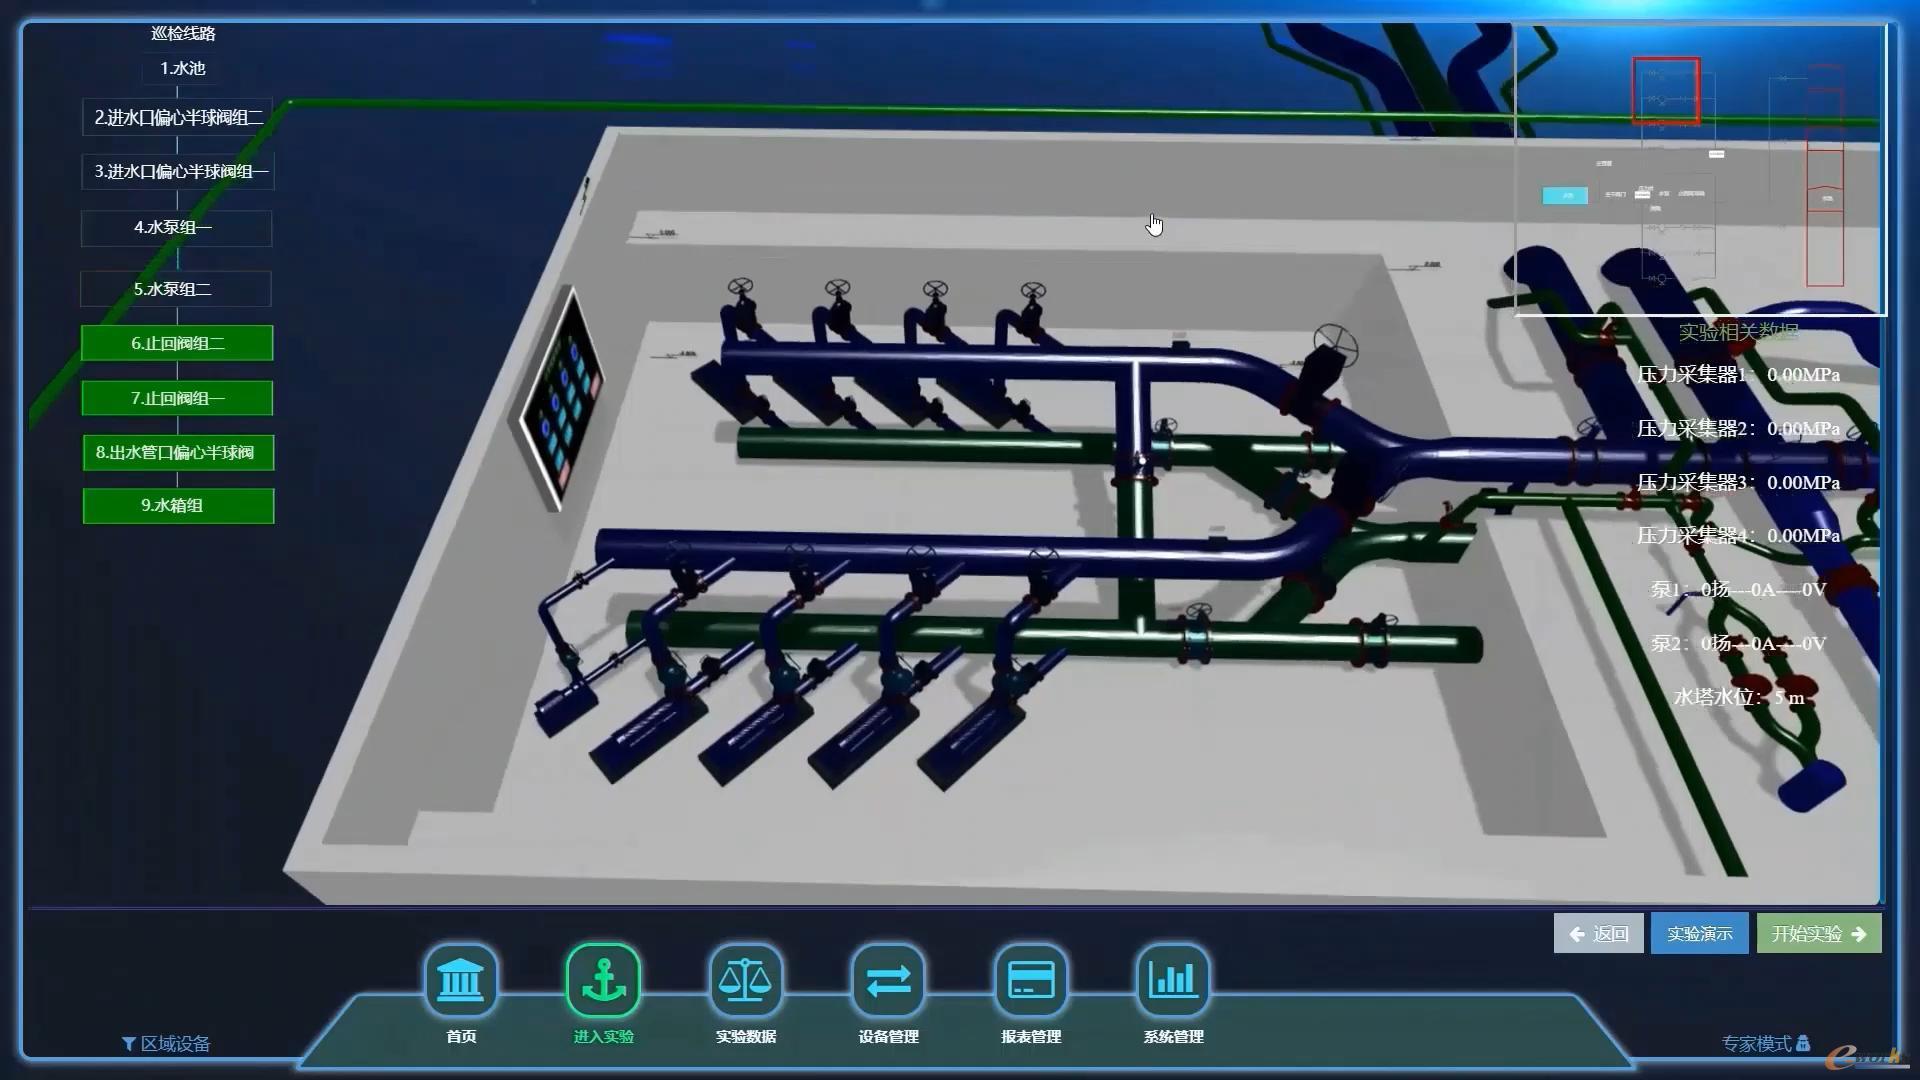 水力实验室监控平台